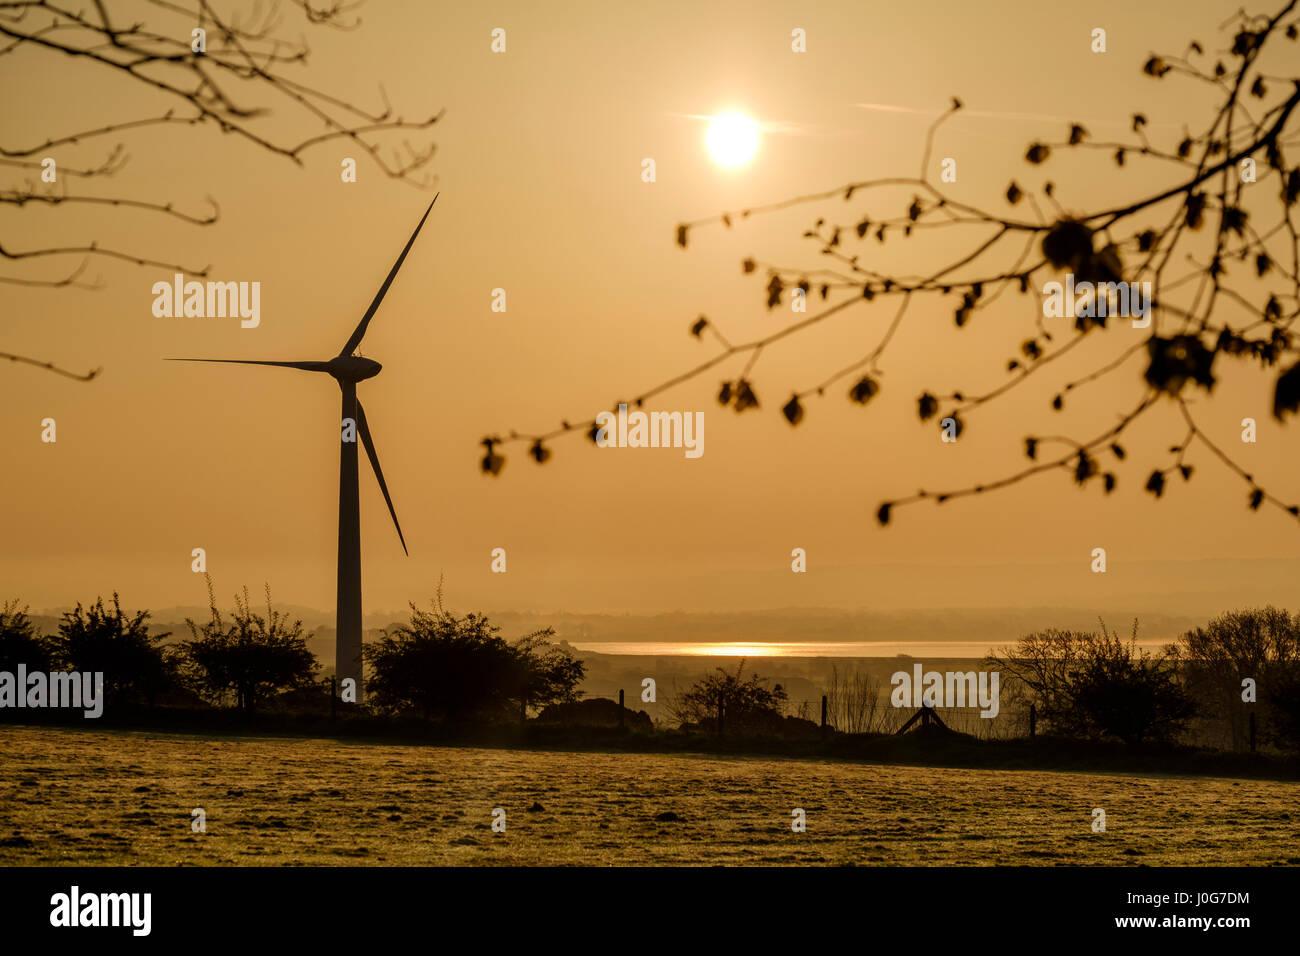 À l'aube de turbine éolienne près de la rivière Severn Gloucestershire England UK Photo Stock